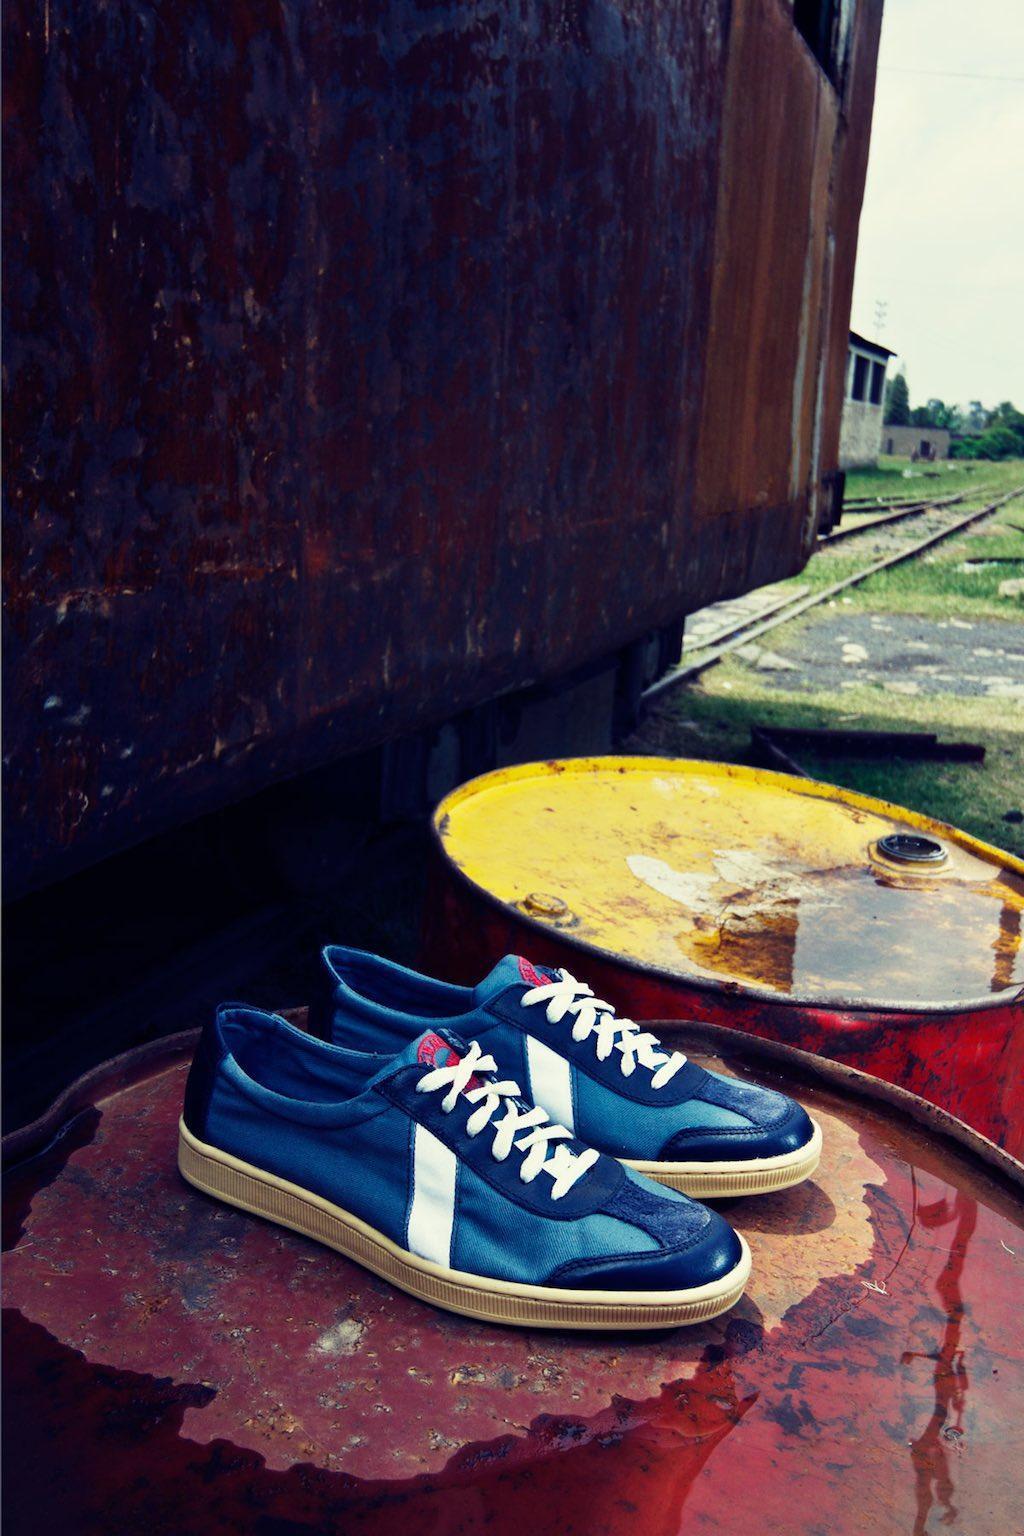 SAWA Shoes - Fashion Africa Now 4